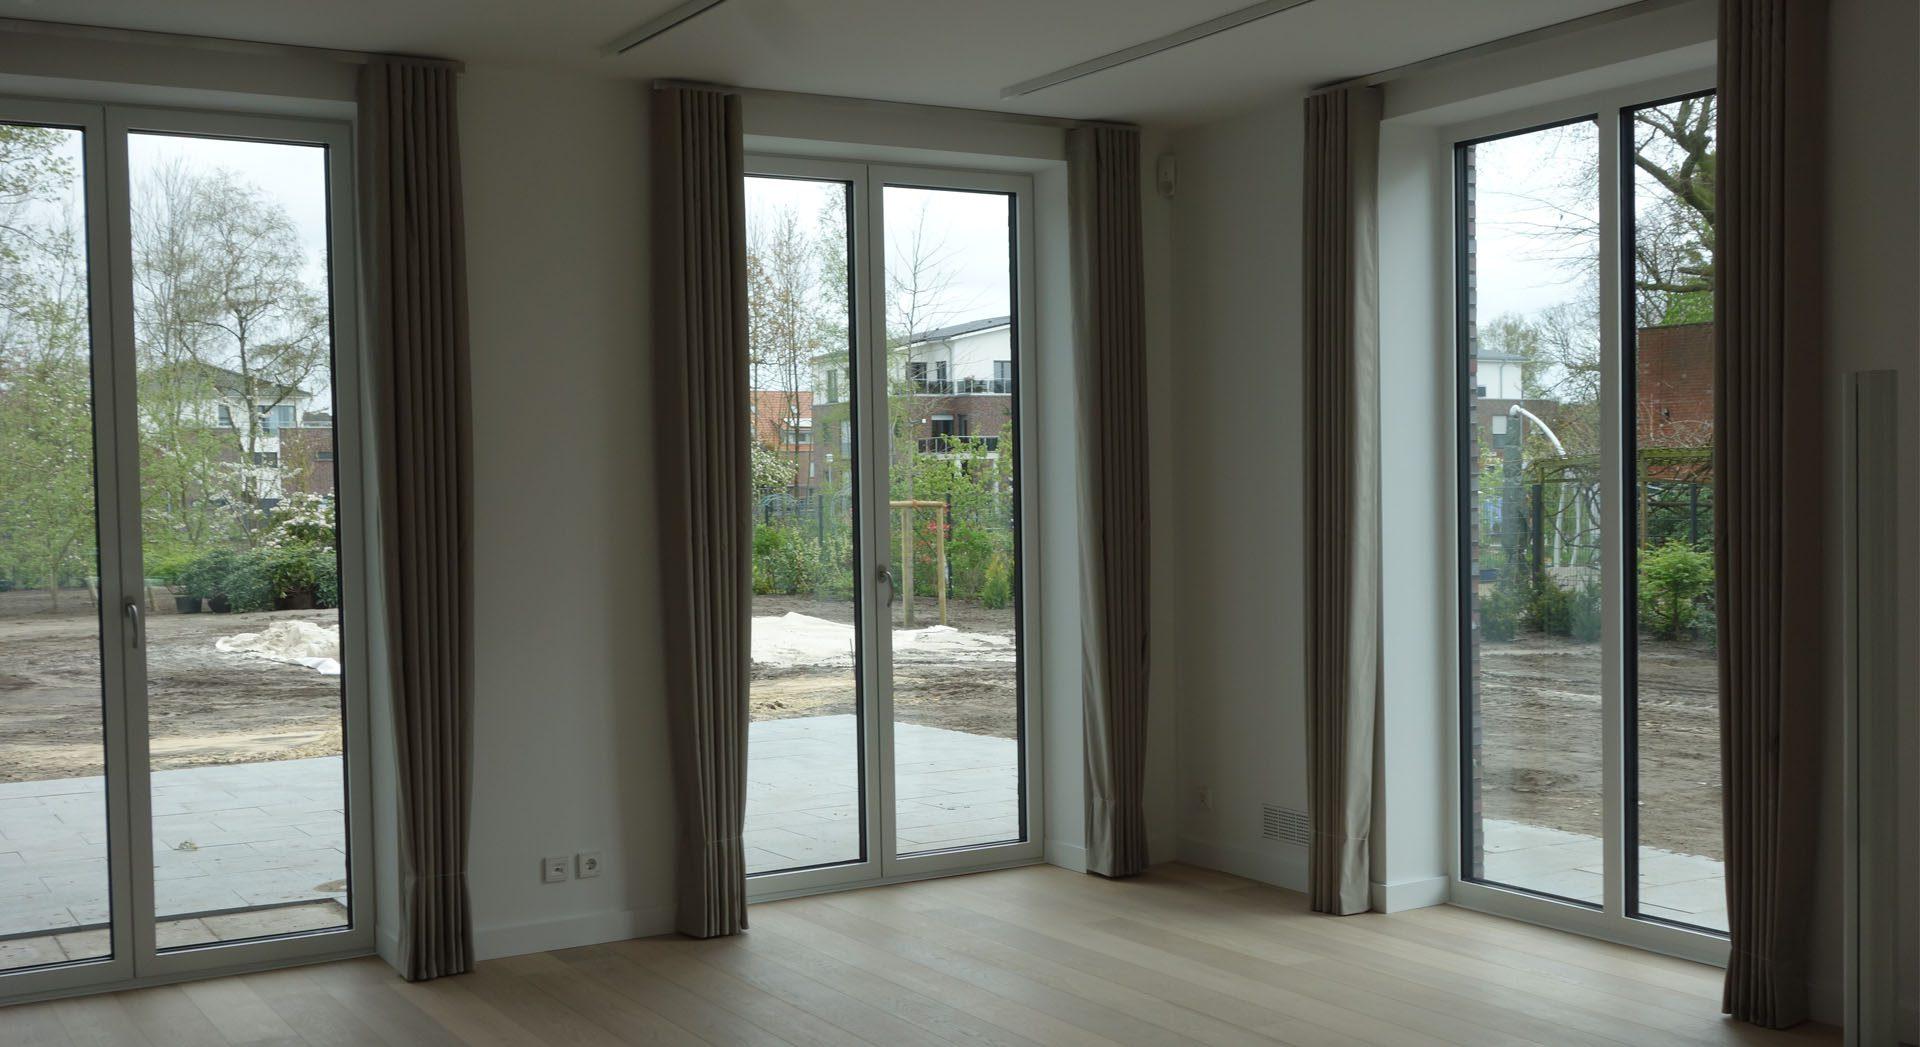 Einfamilienhaus; Architektur; Einfamilienhaus; Innenarchitektur; Neubau;